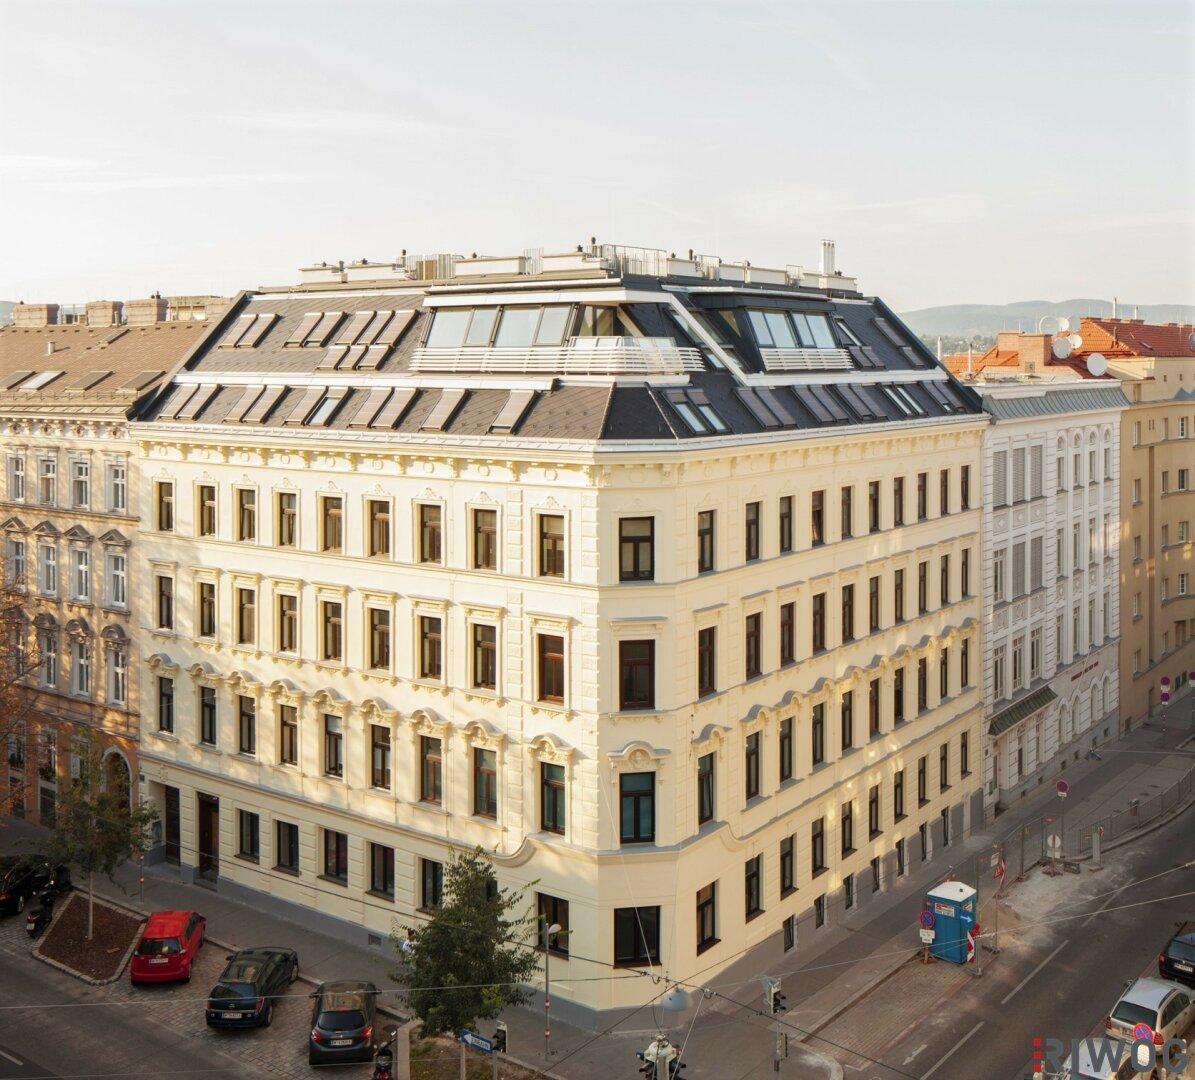 Wohnkomfort auf ganzer Linie - hochwertig sanierte Altbauwohnungen (Projektansicht)